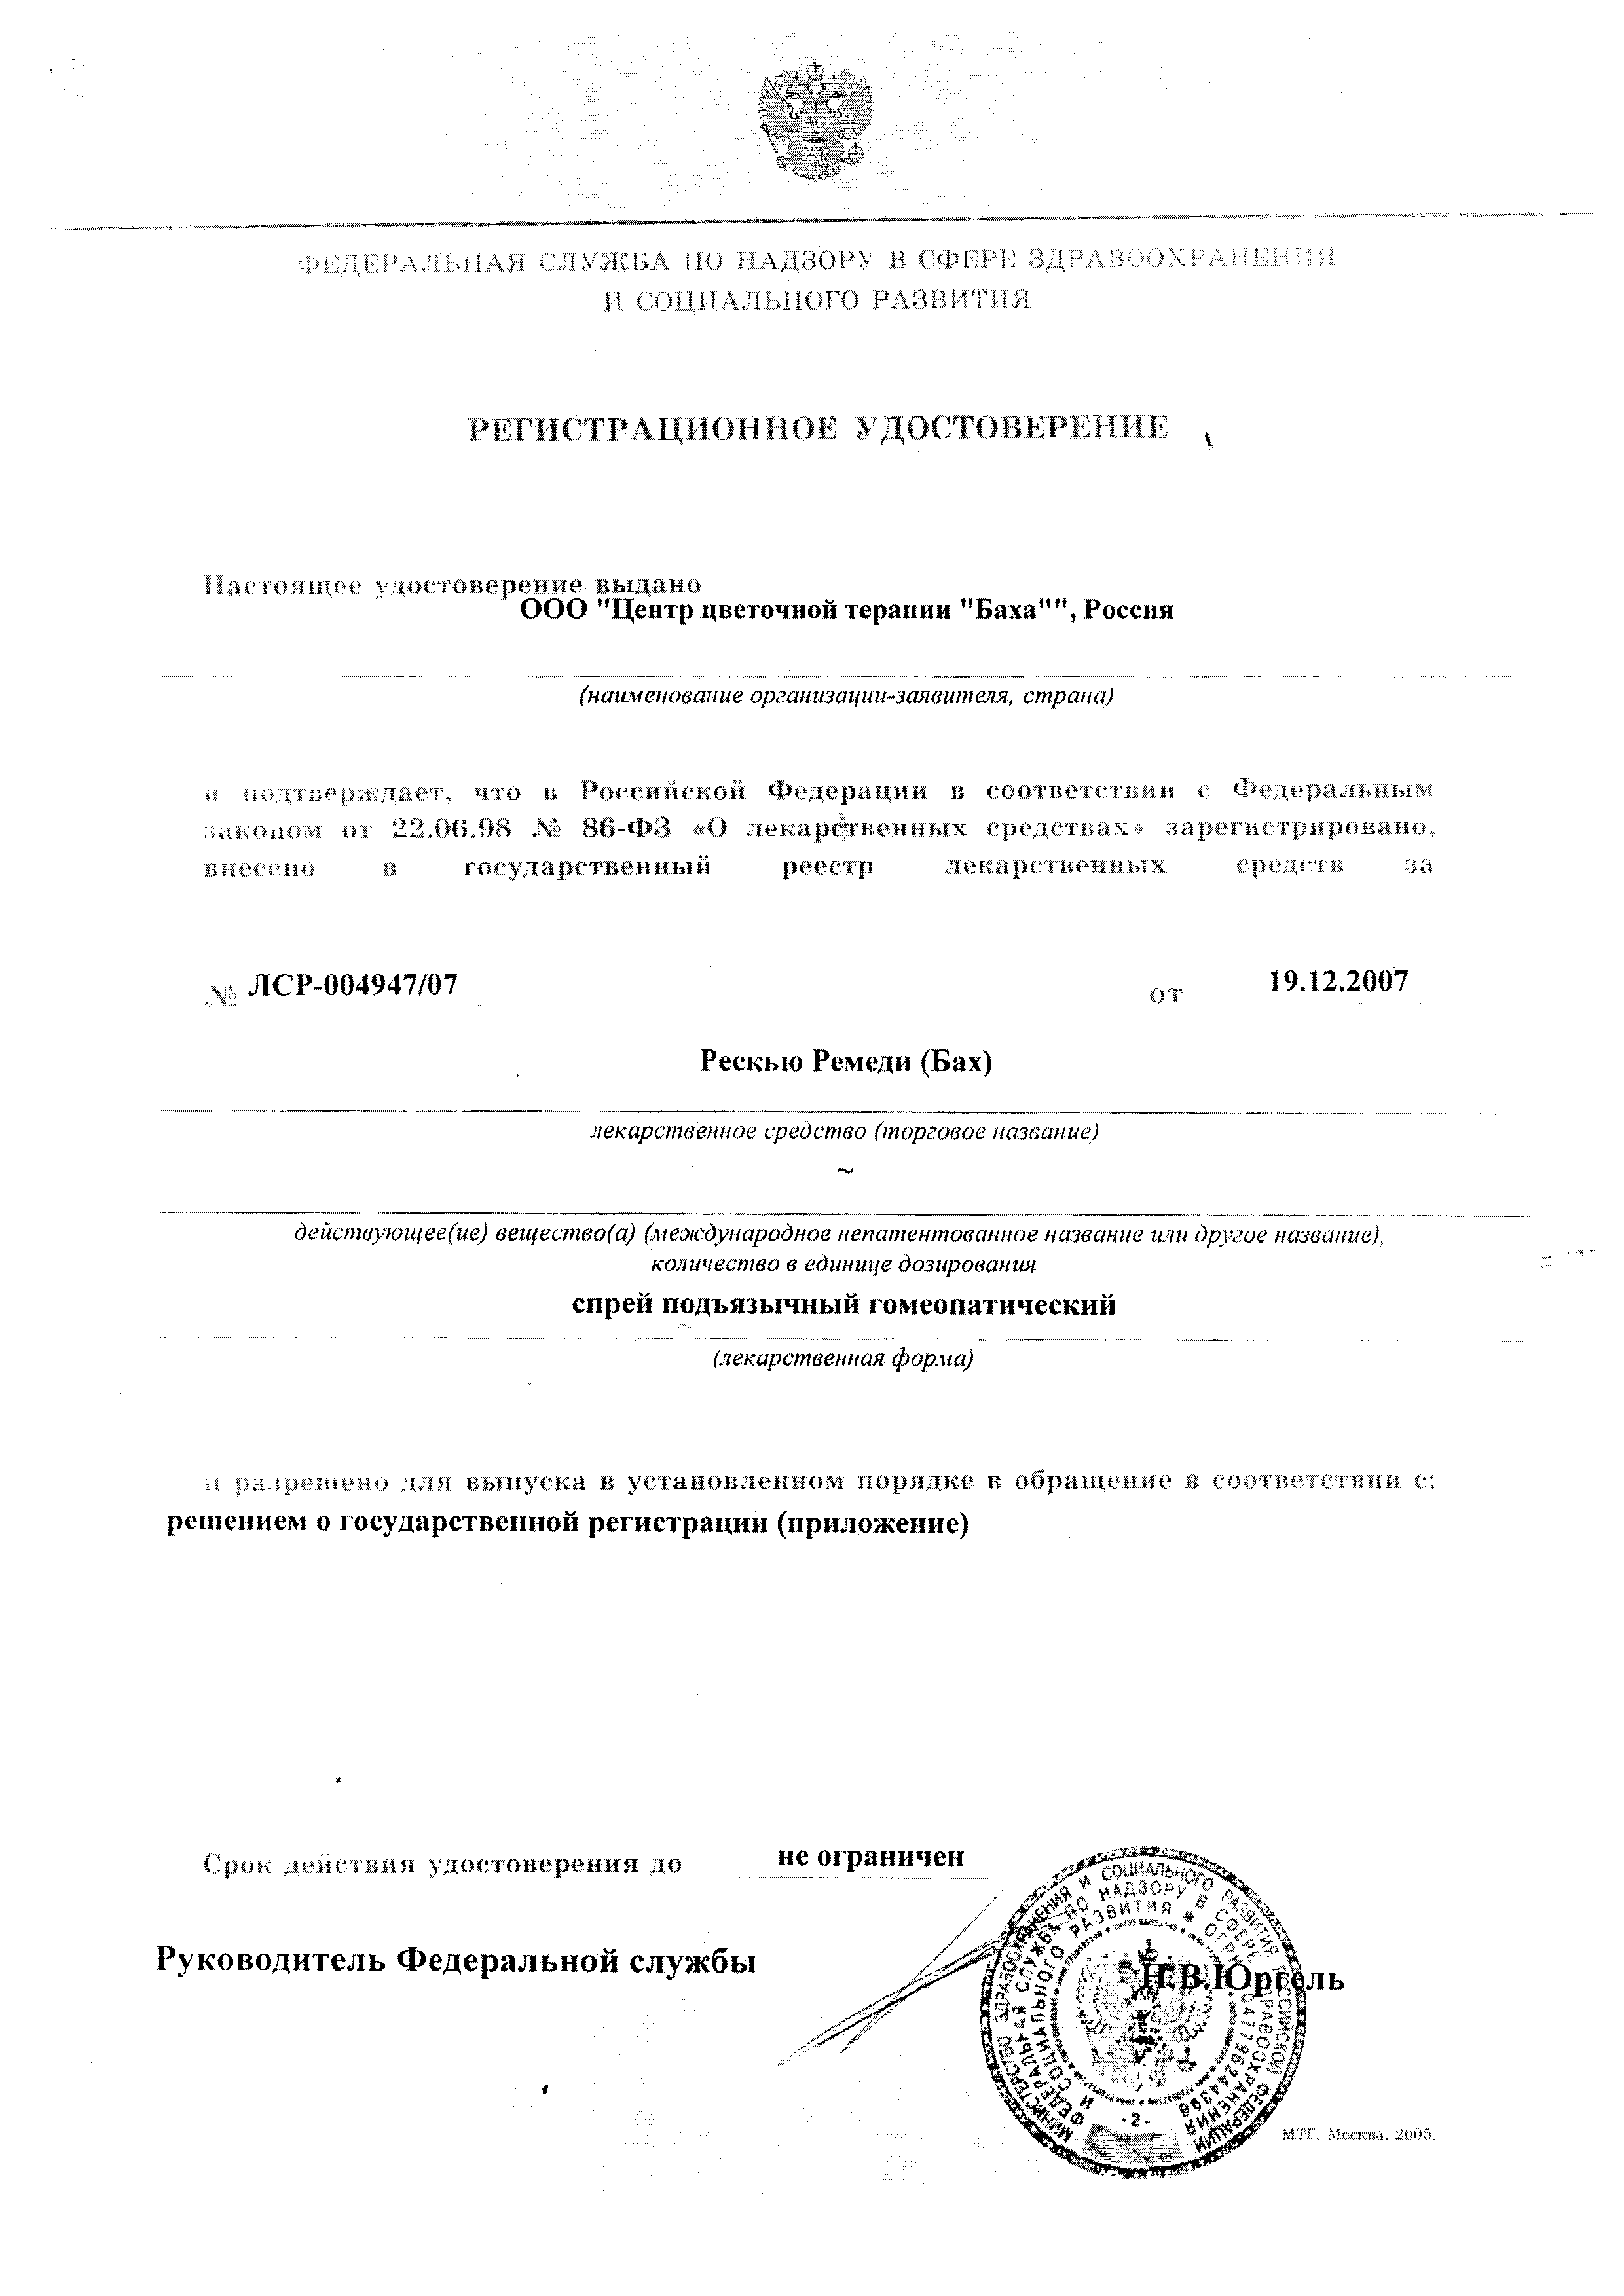 Рескью Ремеди (Бах) сертификат